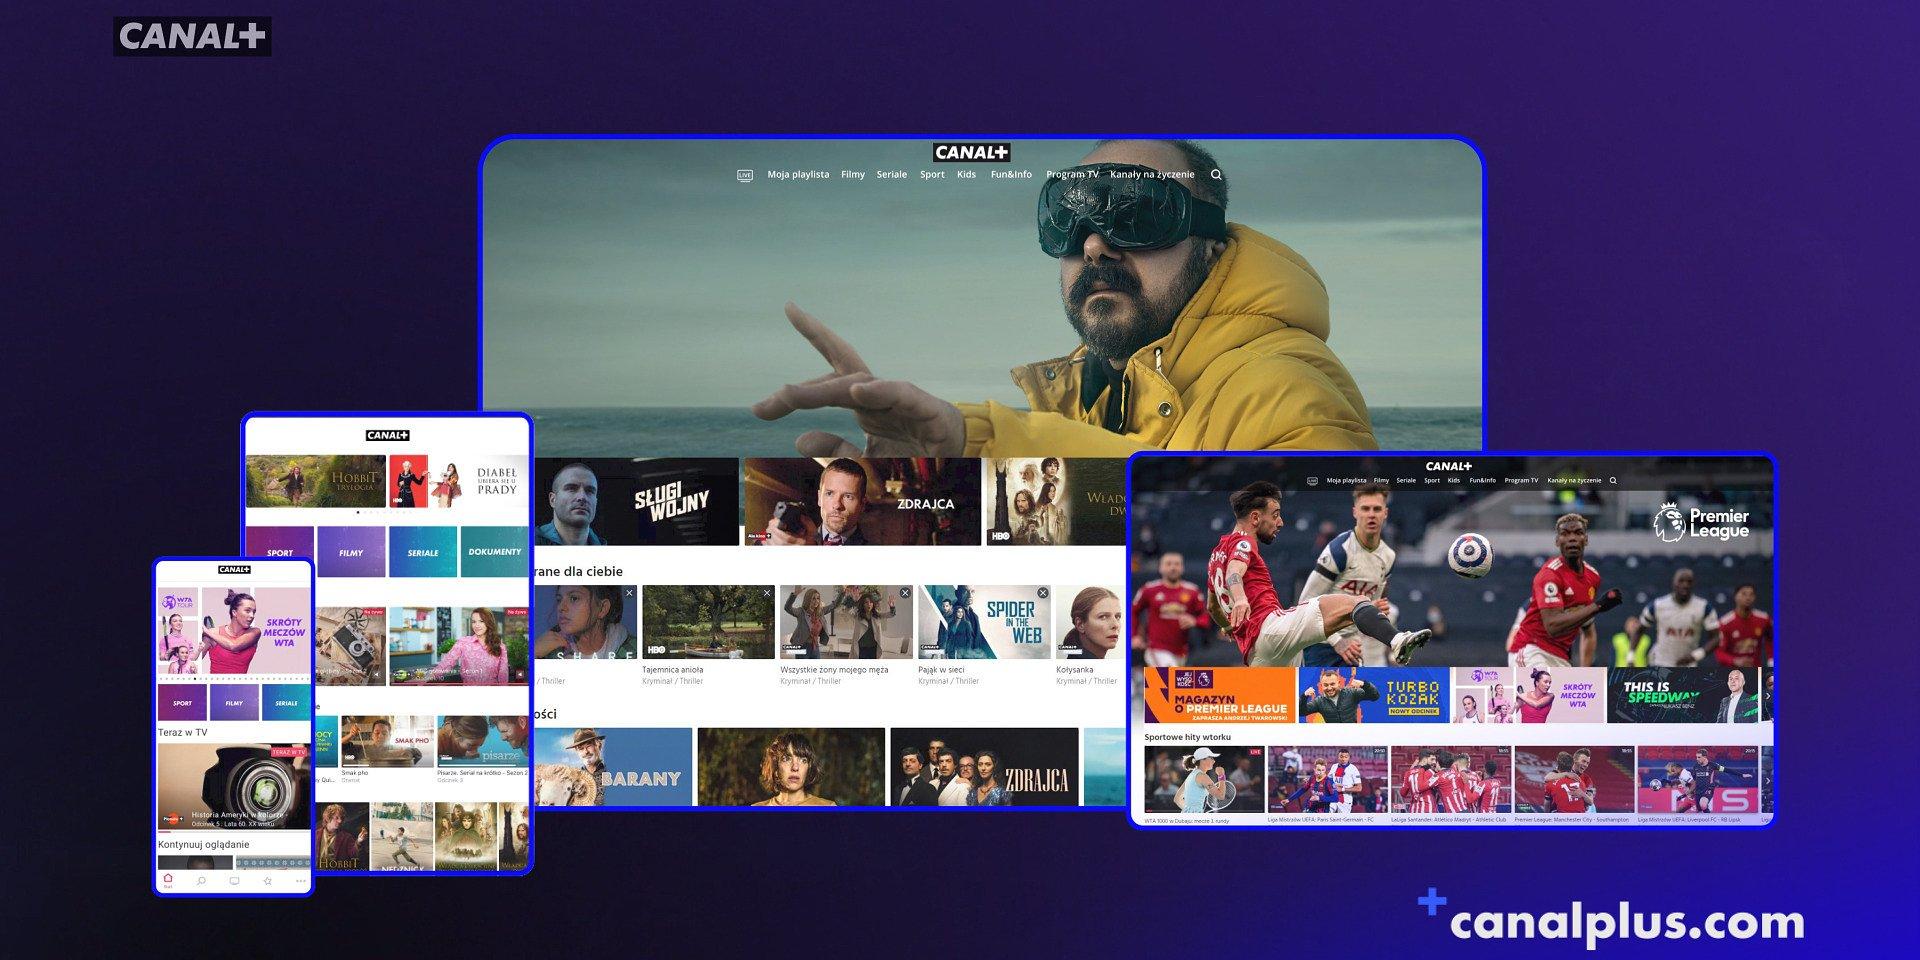 Nowe kanały w serwisie CANAL+ online dla abonentów oferty satelitarnej